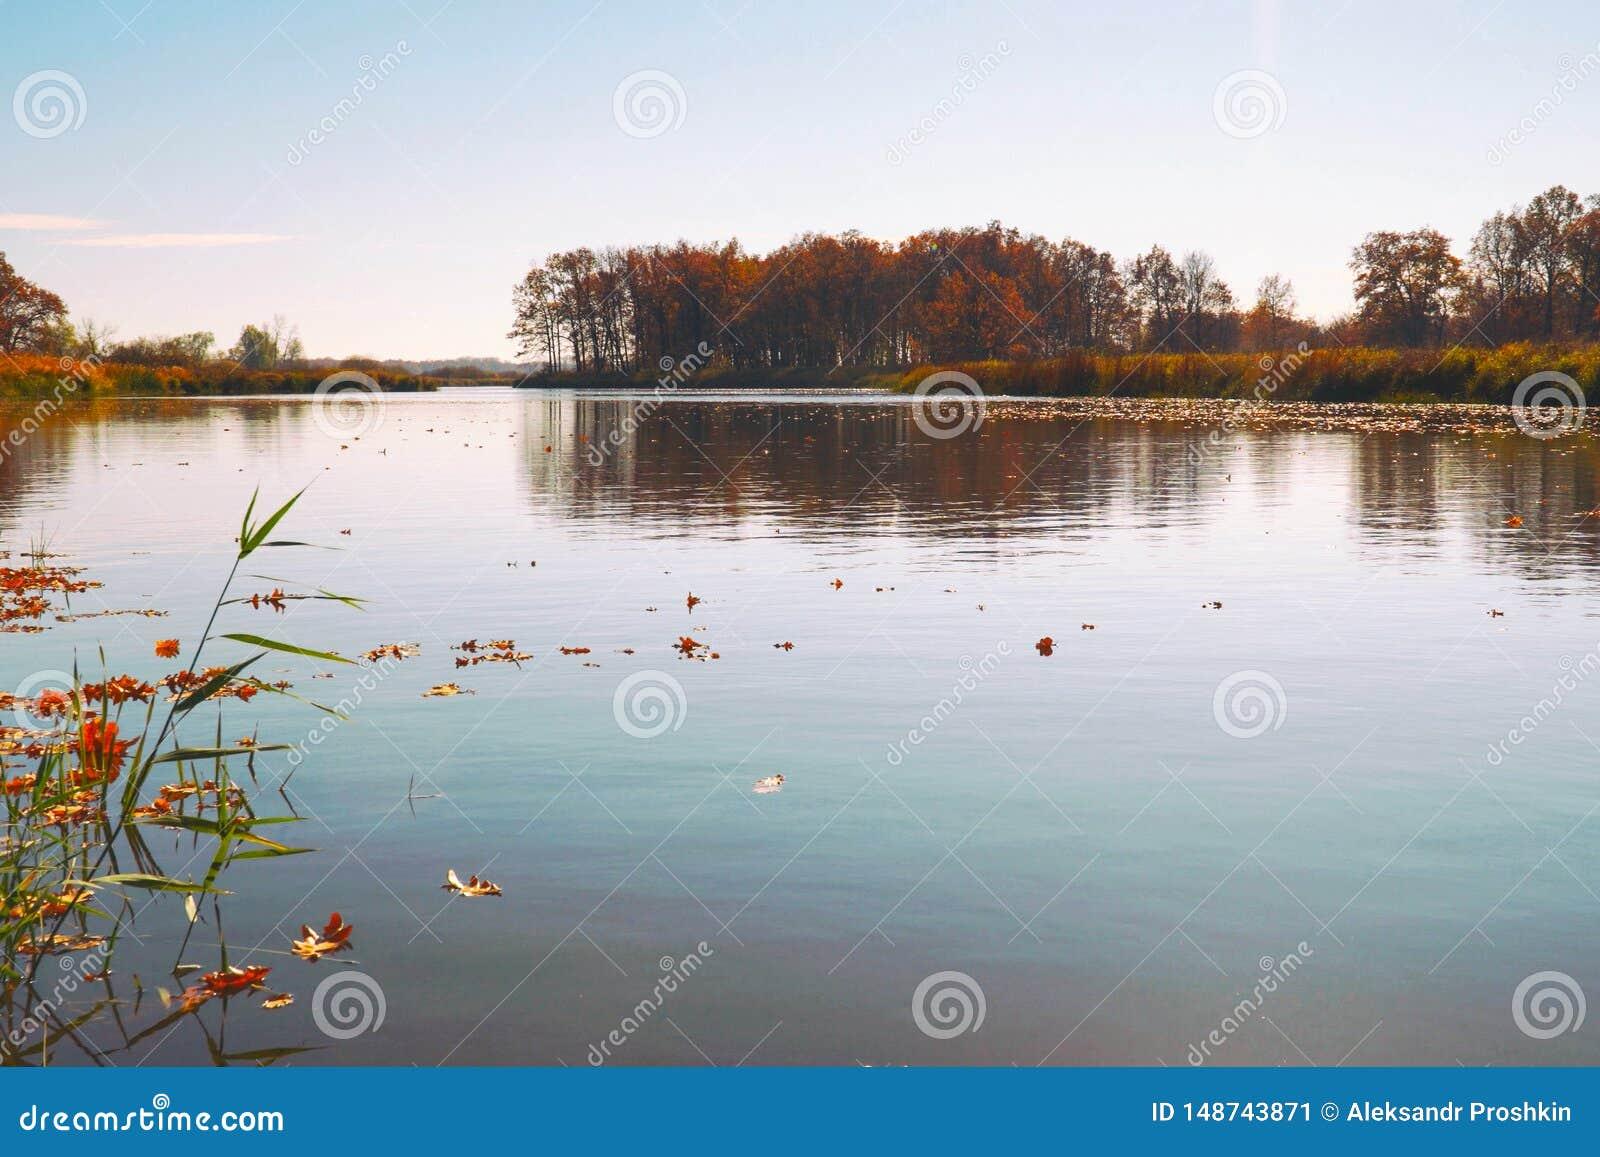 Flotador de las hojas de oto?o en el agua Lago o r?o con agua reservada en la estaci?n del oto?o